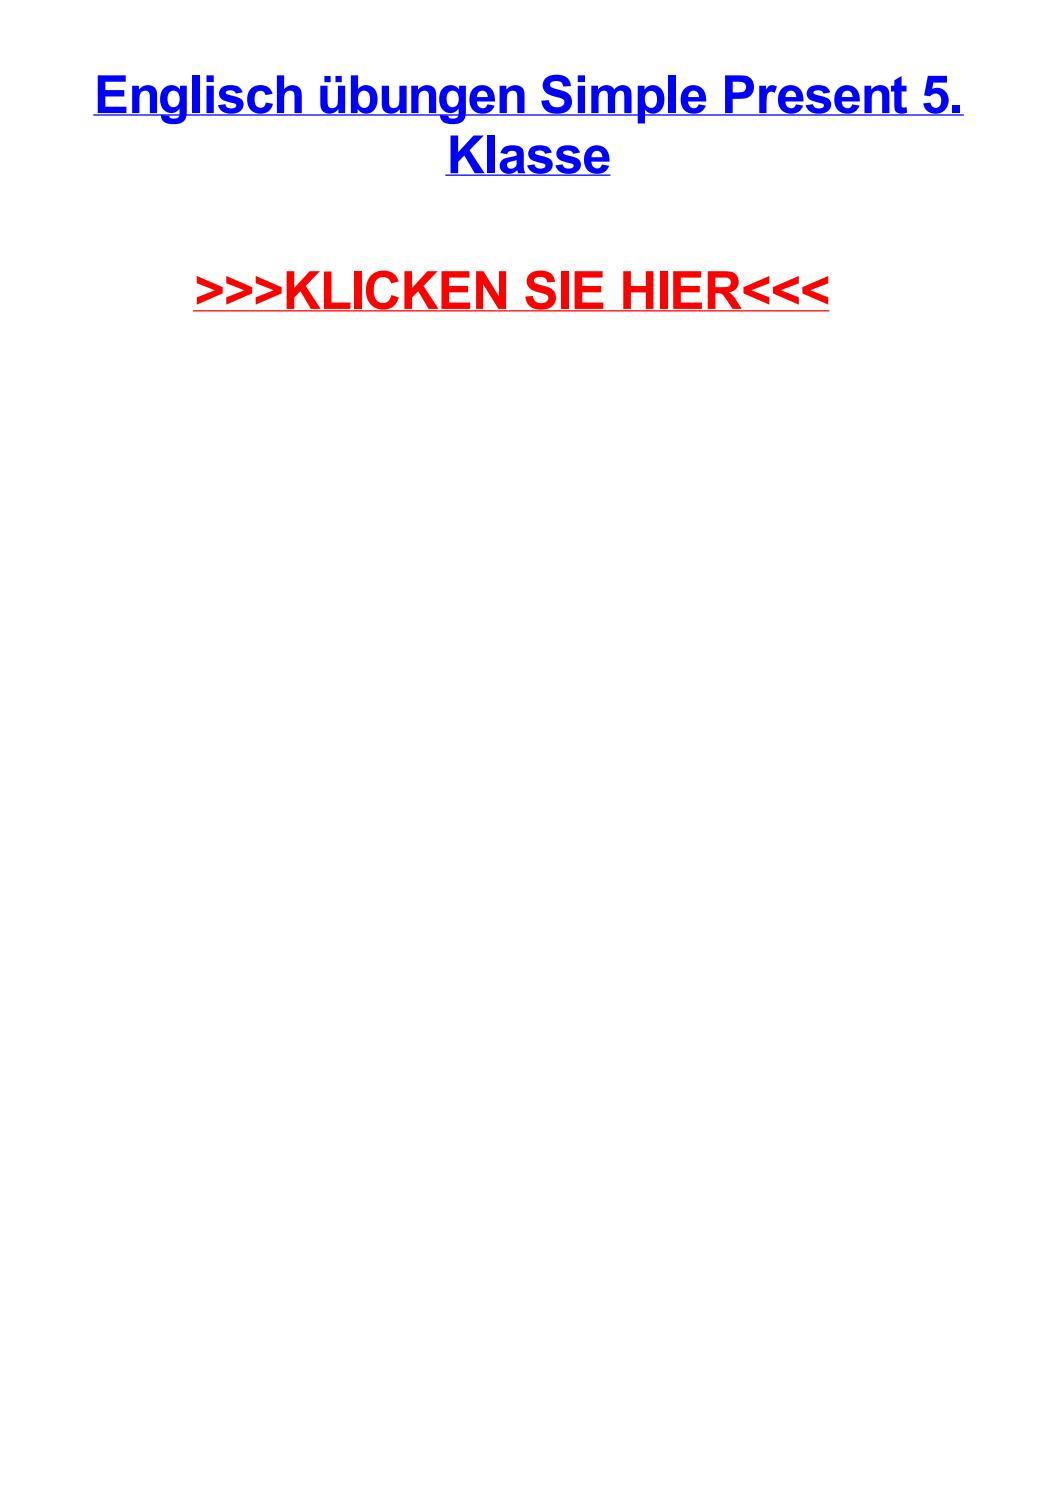 Englisch jbungen simple present 5 klasse by kristinzfpzs - issuu